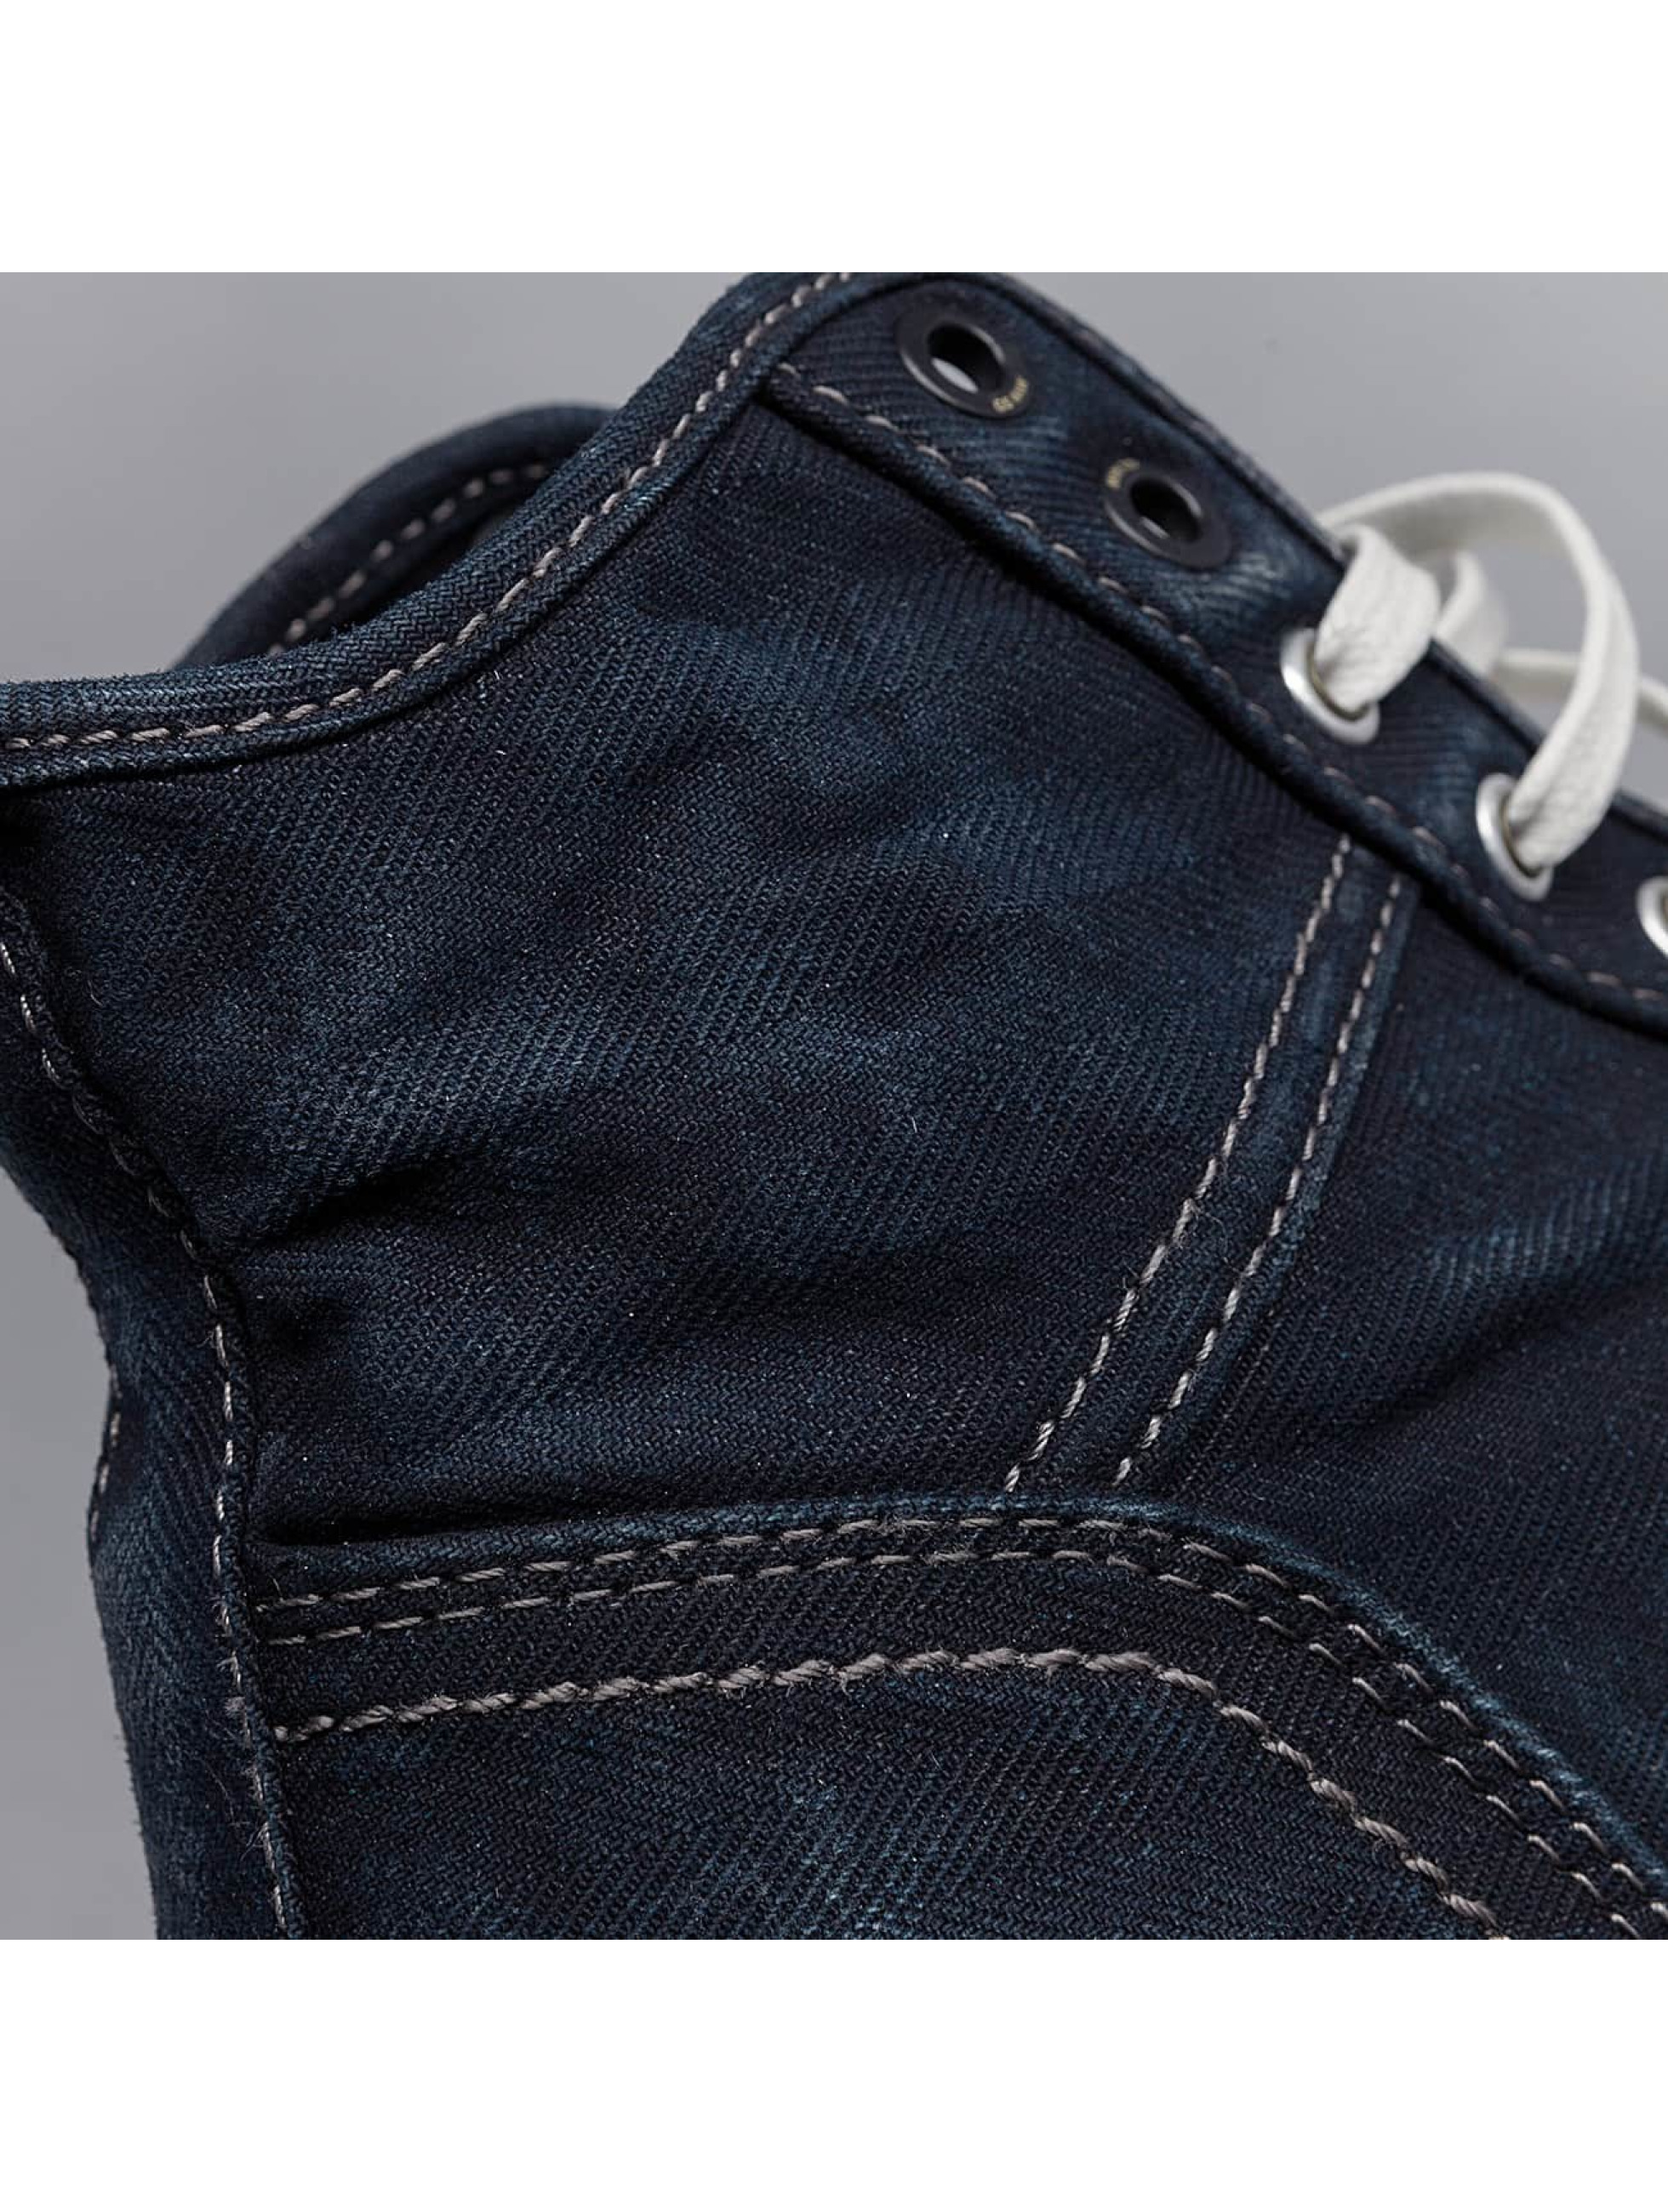 G-Star Footwear Sneaker Falton Washed schwarz